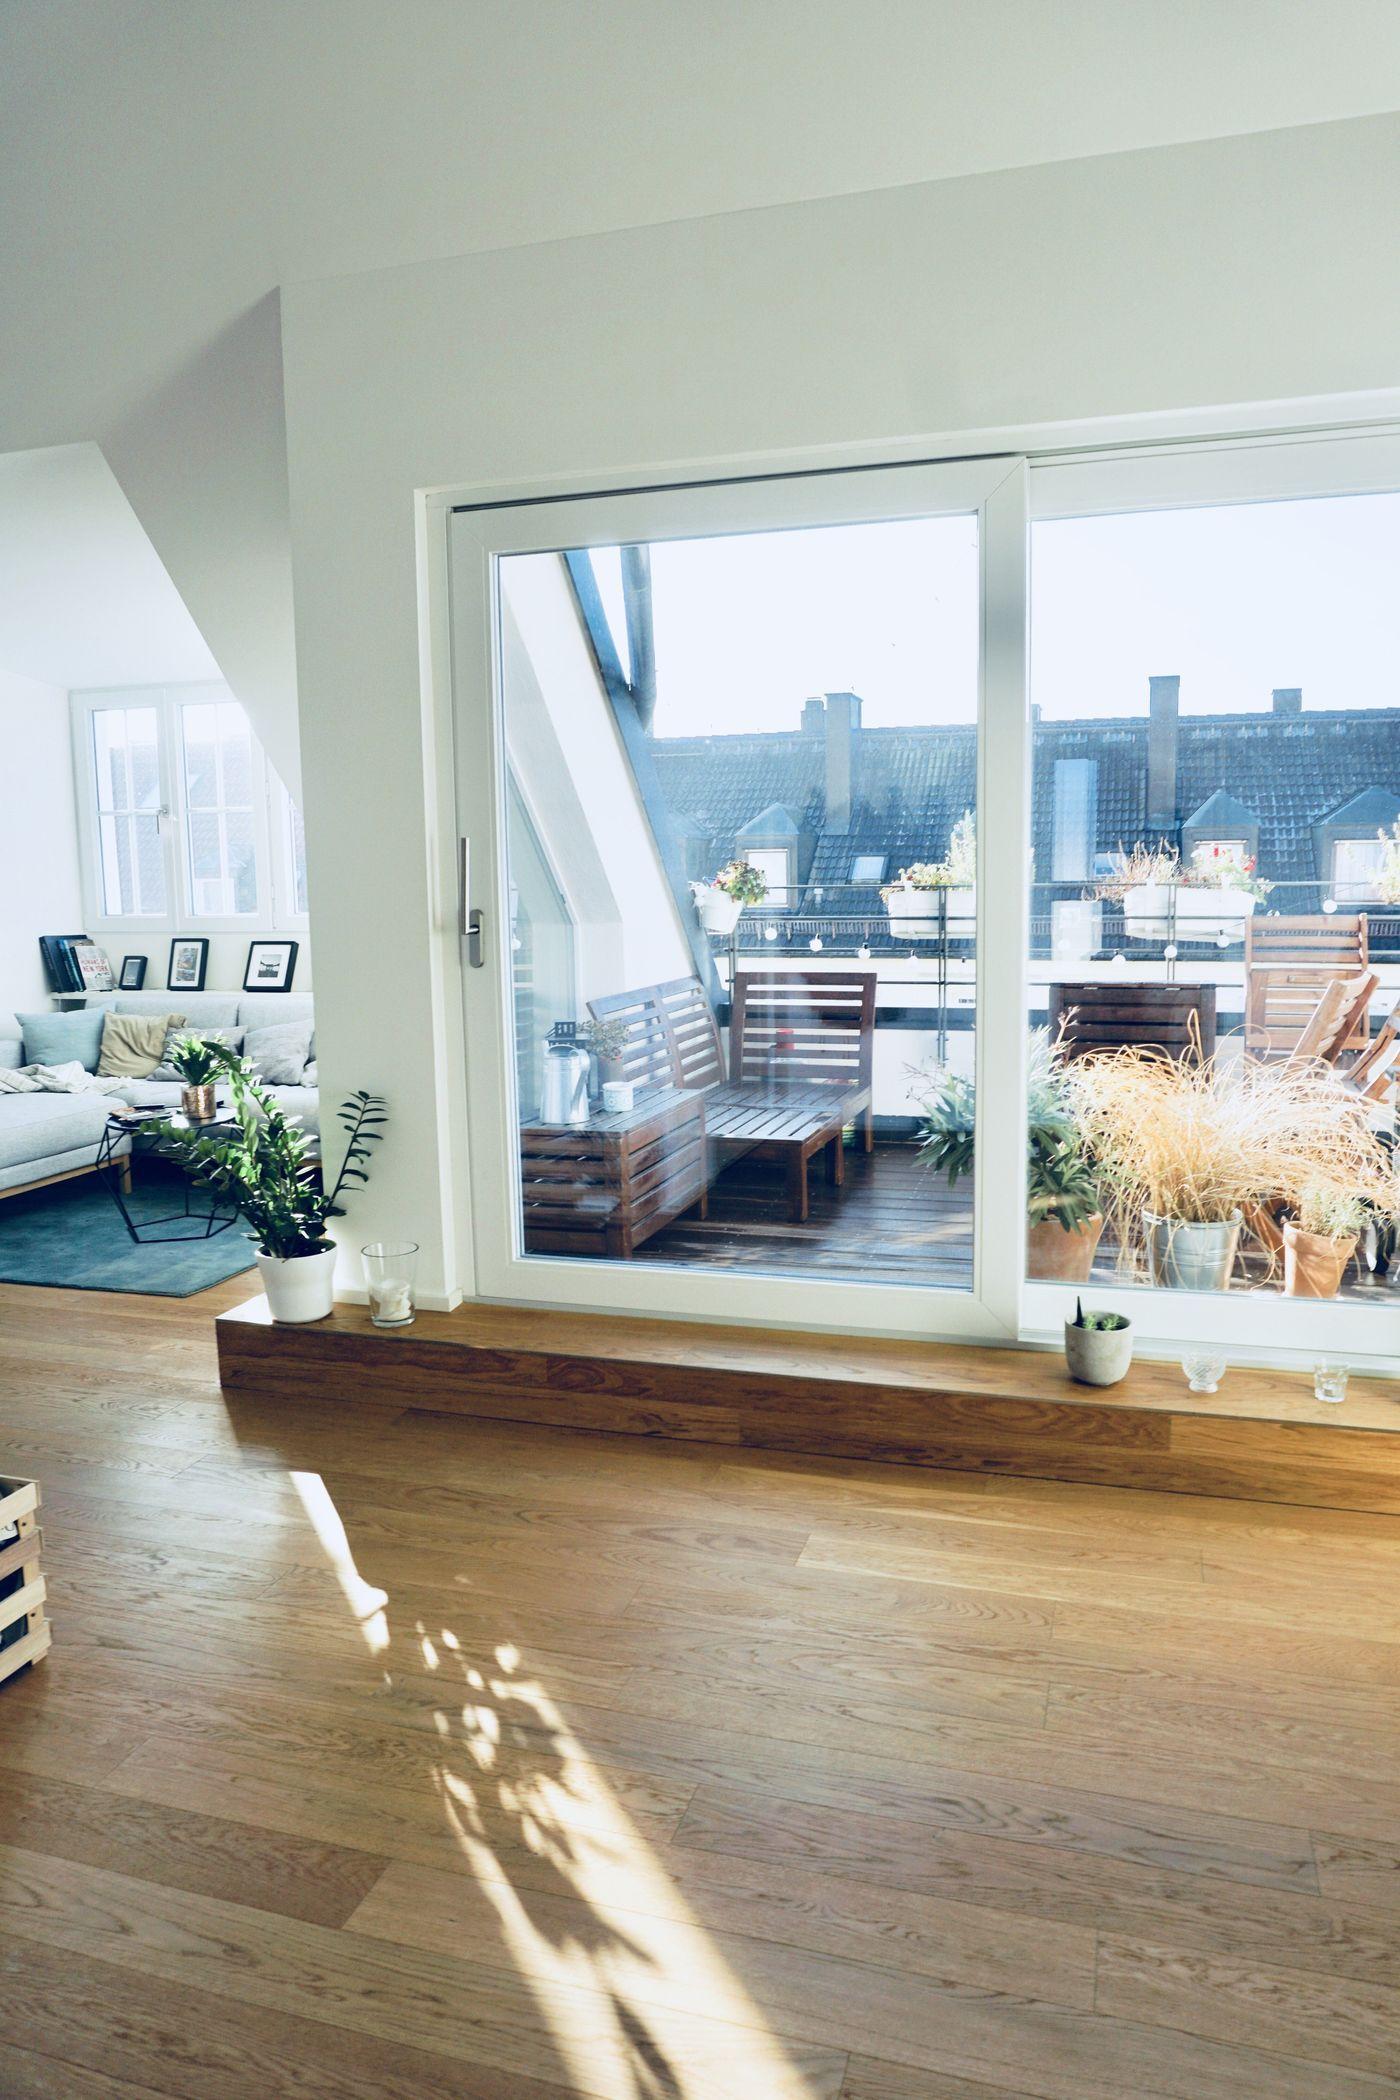 Dachterrasse gestalten - Ideen & Bilder